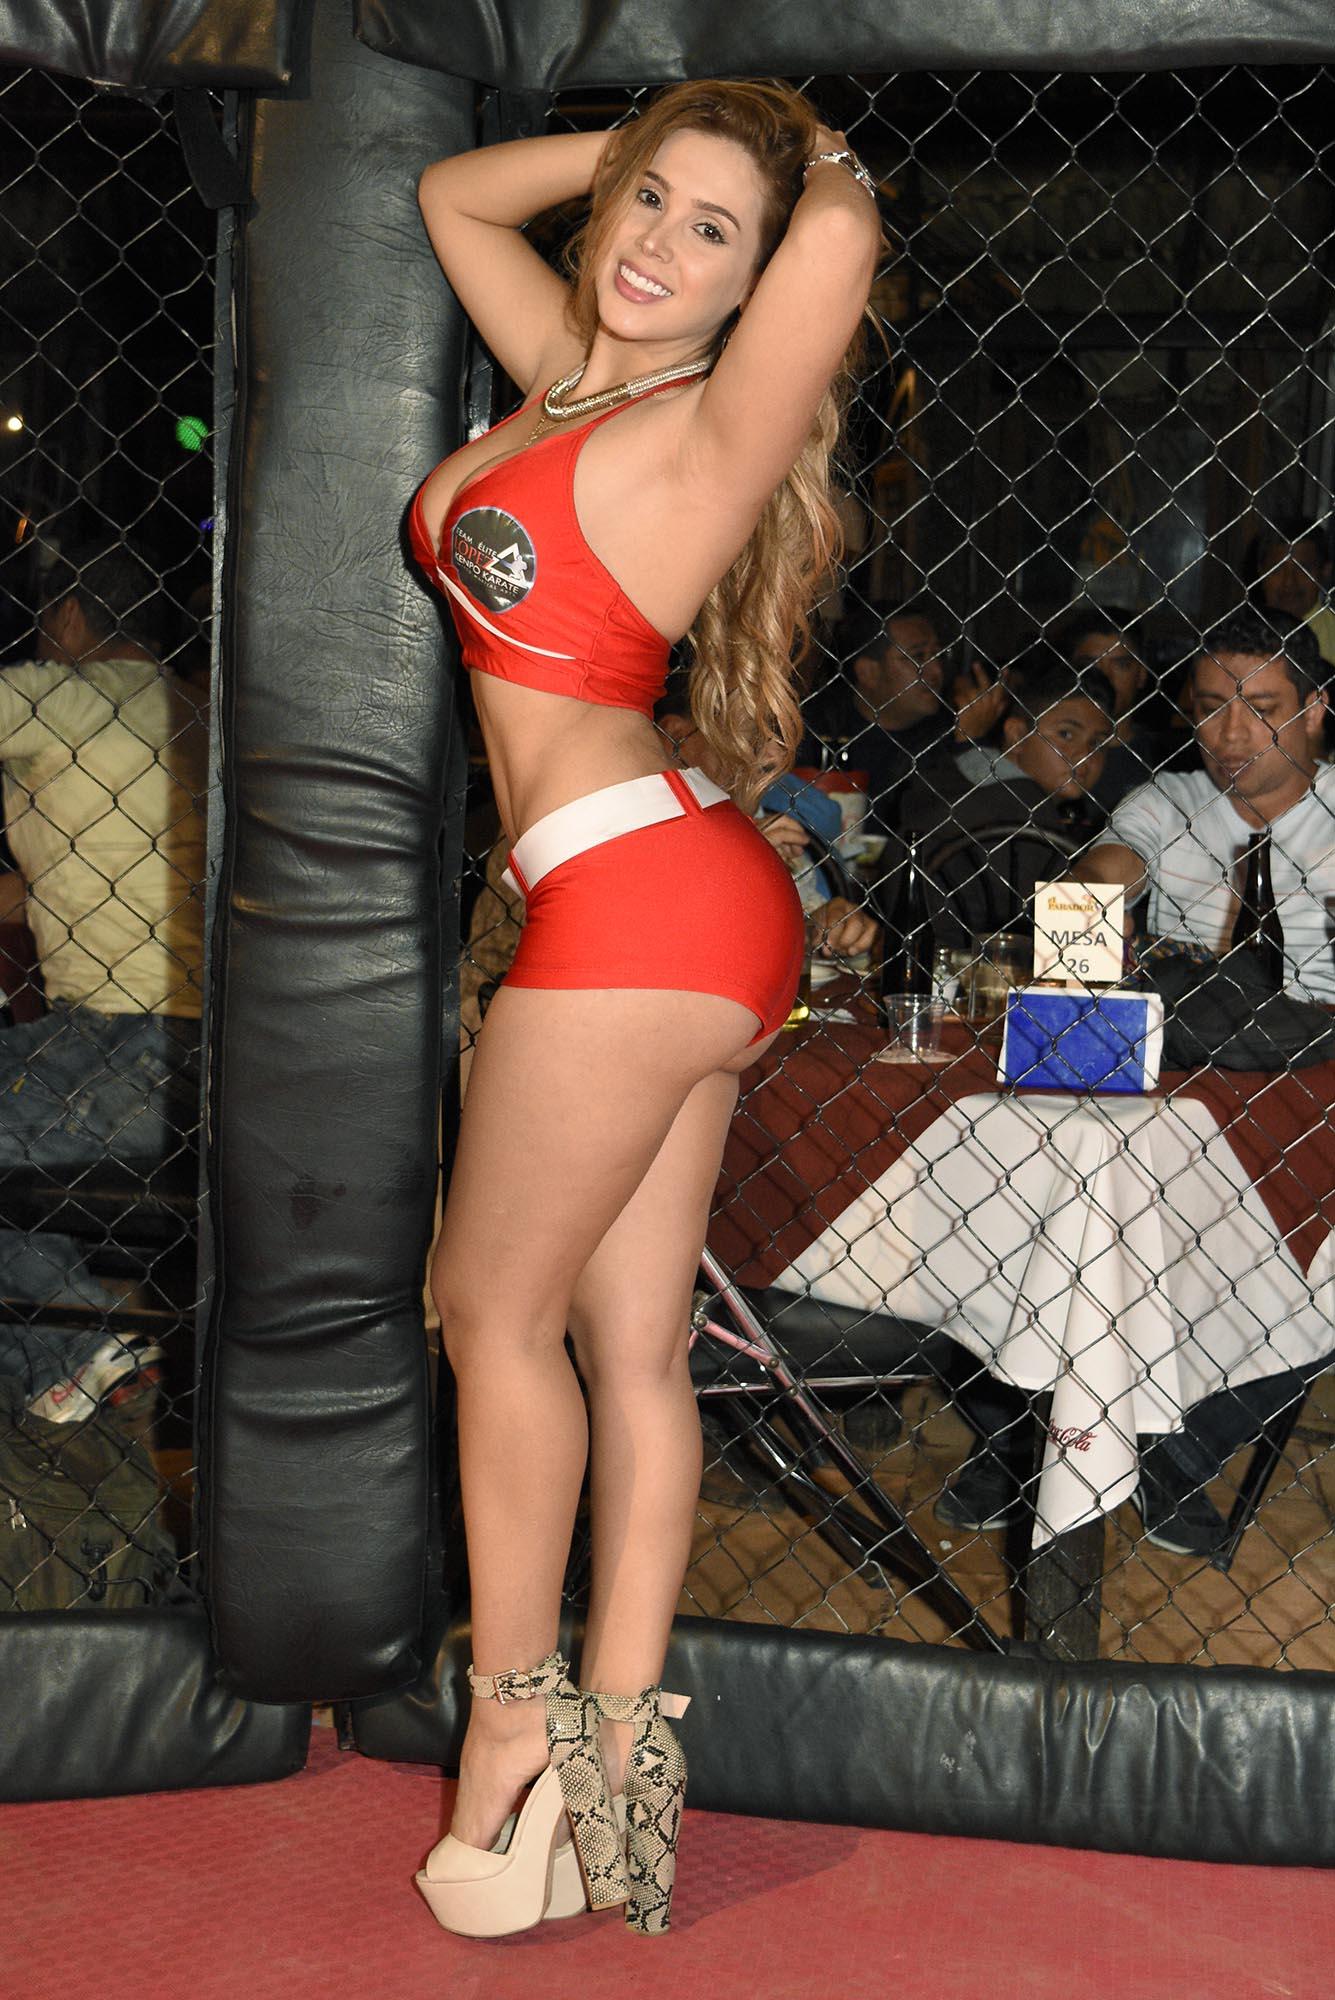 alexandra-roa-de-venezuela-005